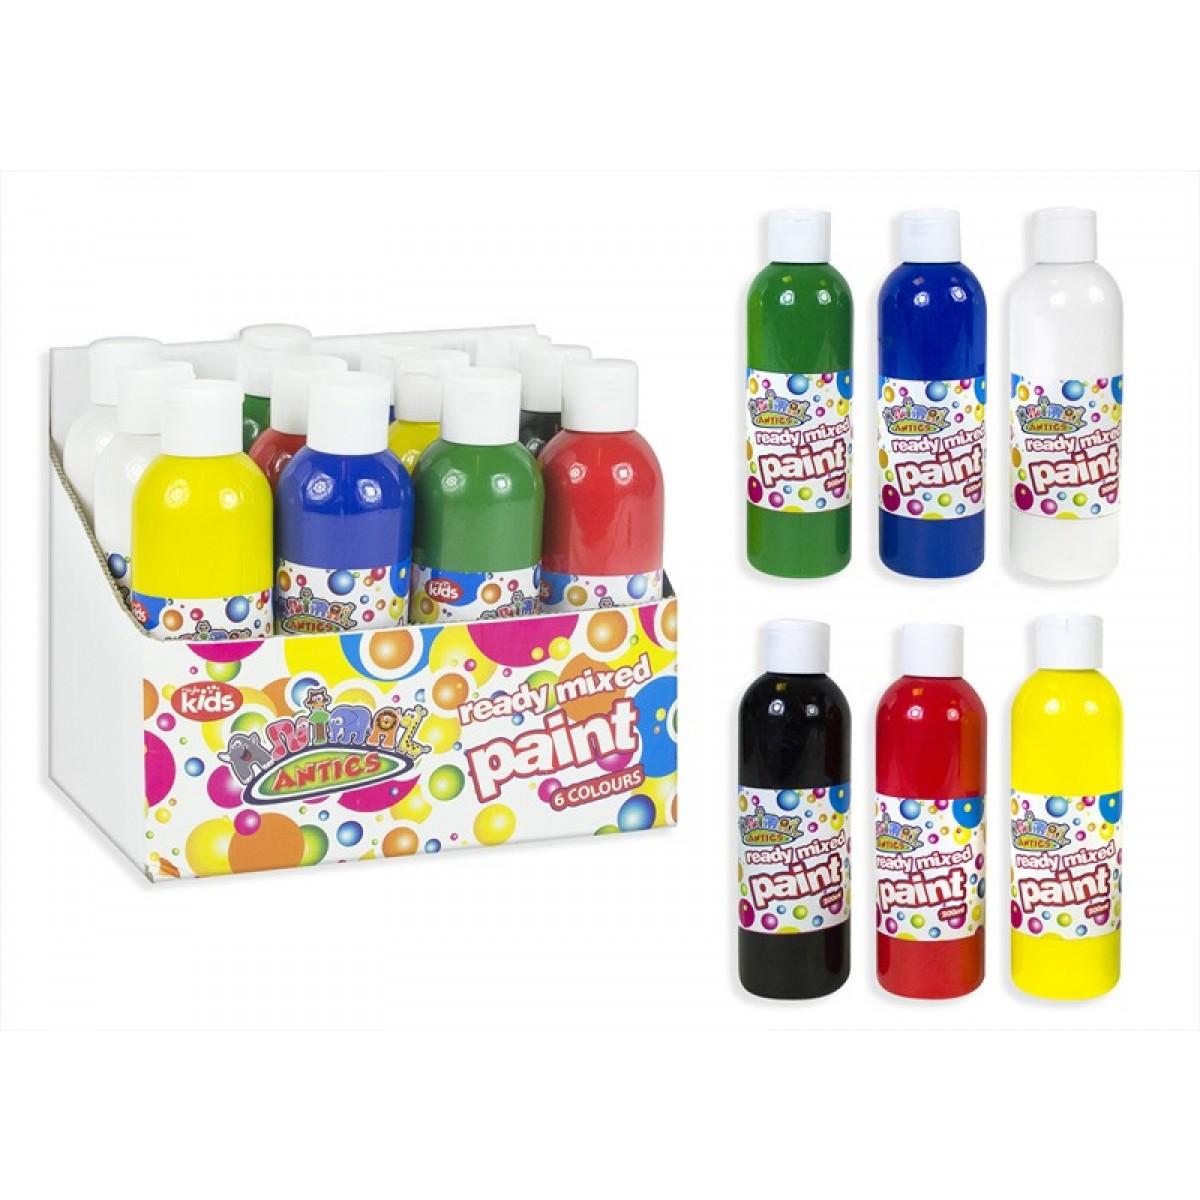 Premium Paint Brands Uk